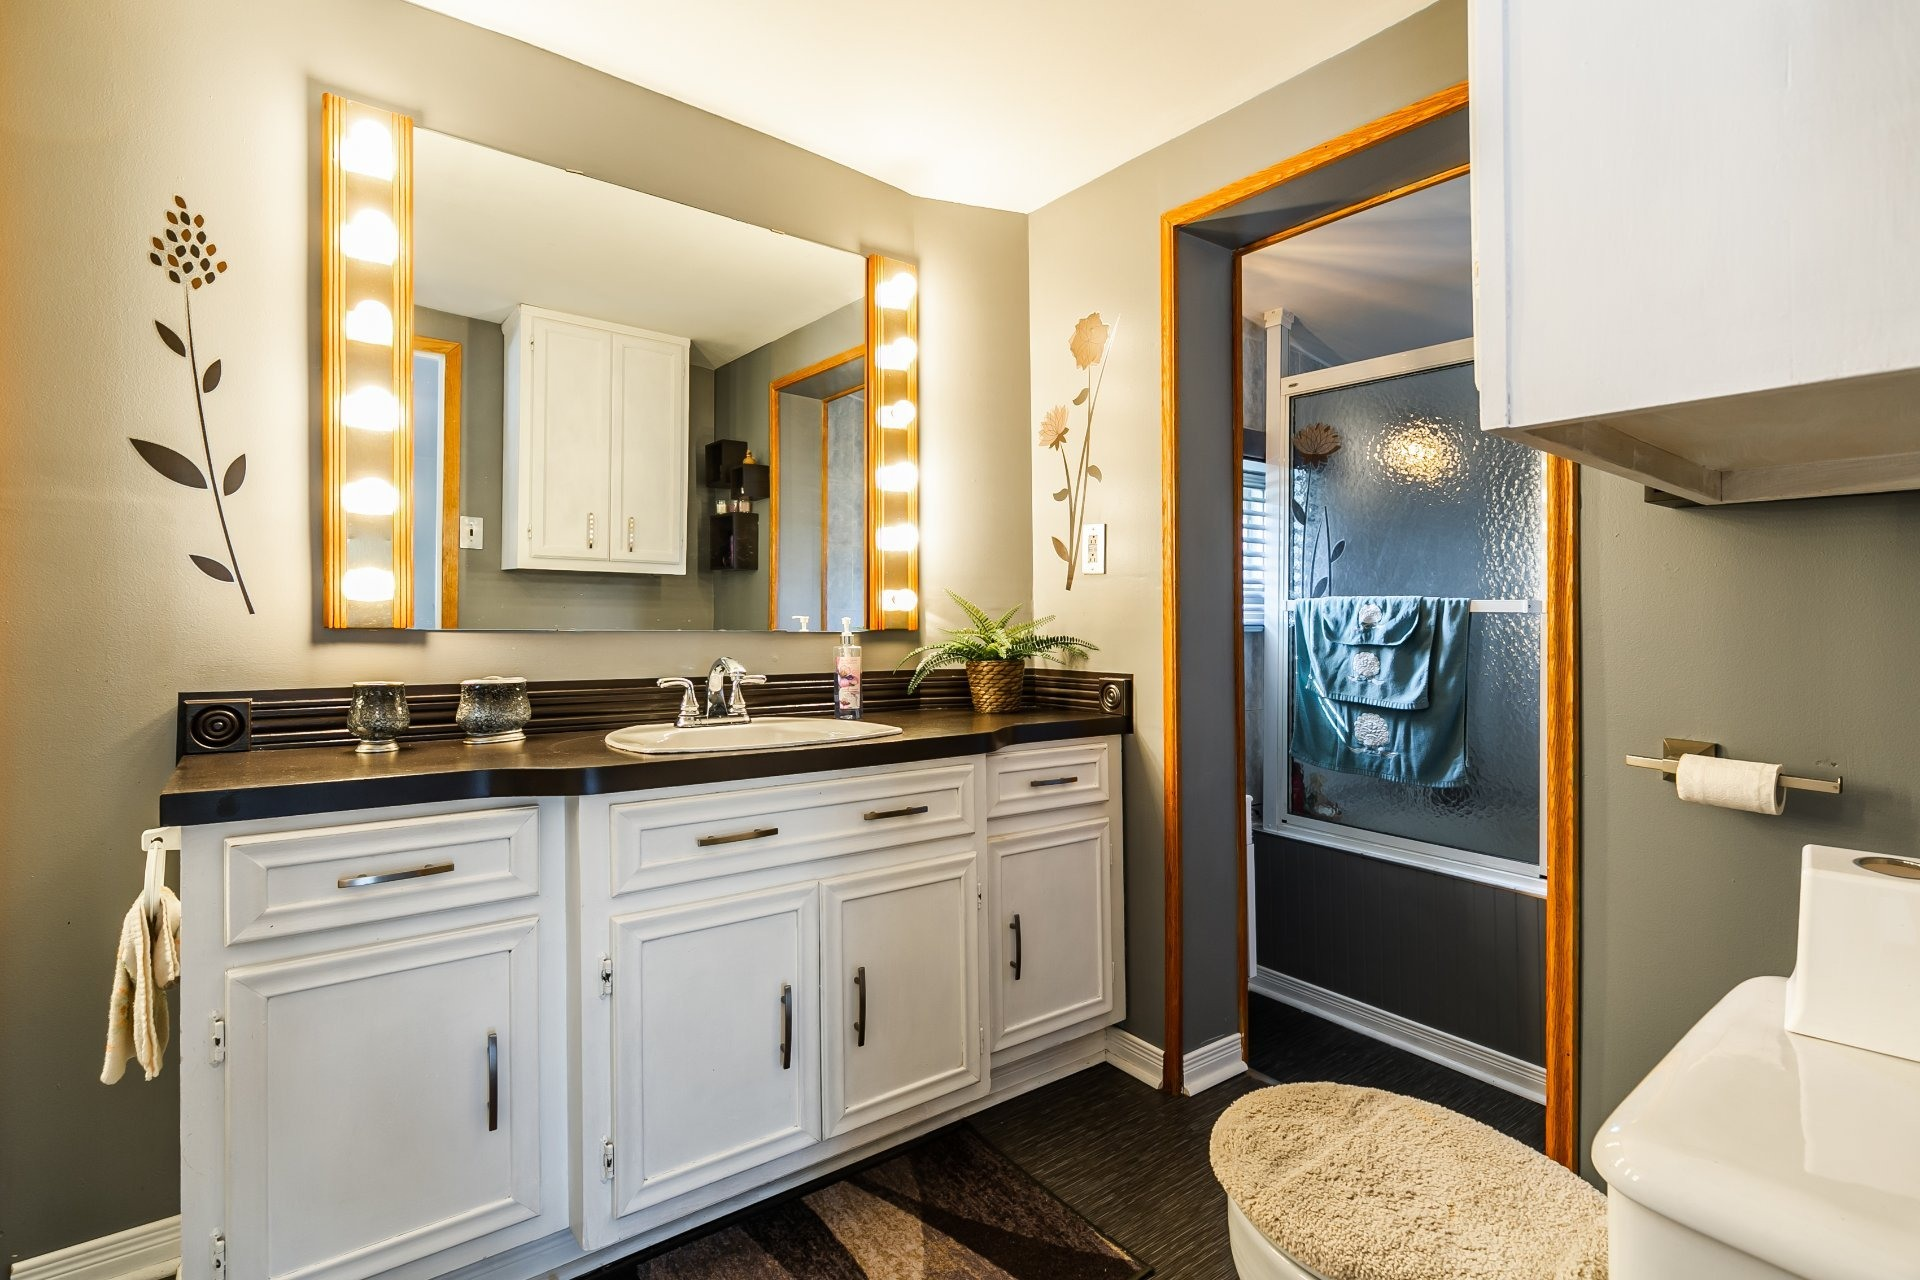 image 18 - Maison À vendre Rivière-des-Prairies/Pointe-aux-Trembles Montréal  - 7 pièces